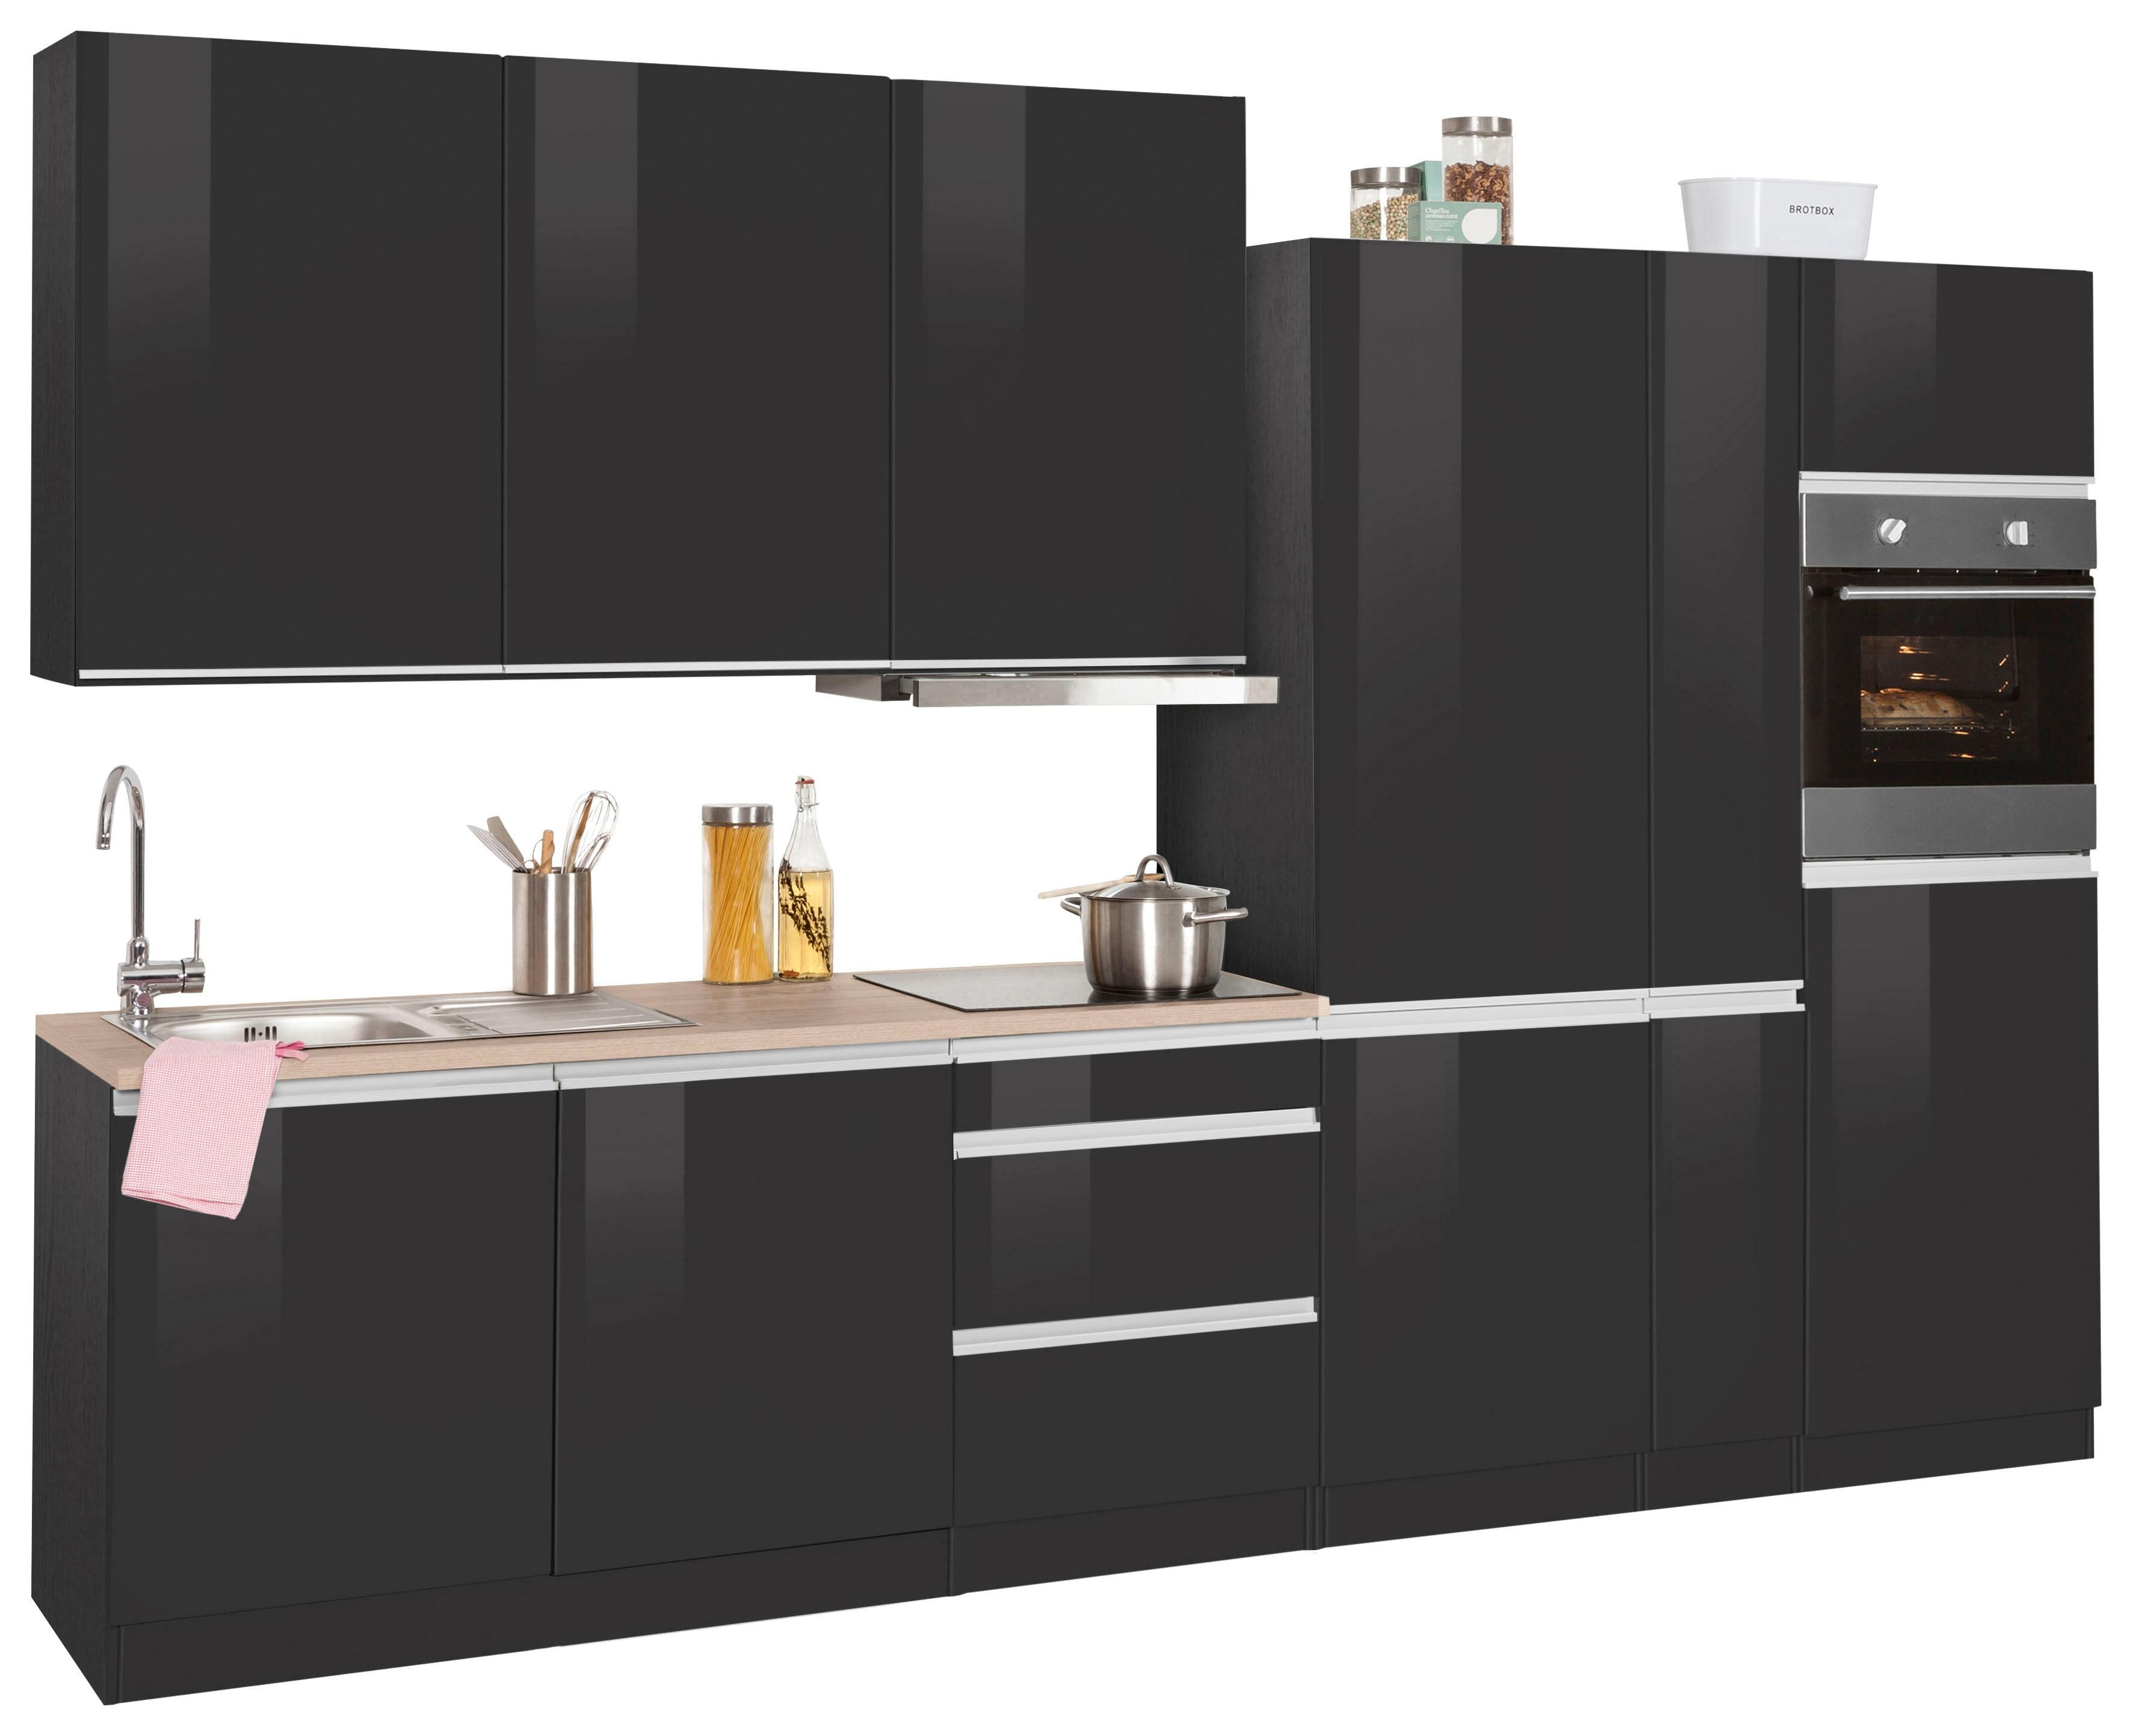 HELD MÖBEL Küchenzeile mit E-Geräten Ohio Breite 330 cm Preisvergleich